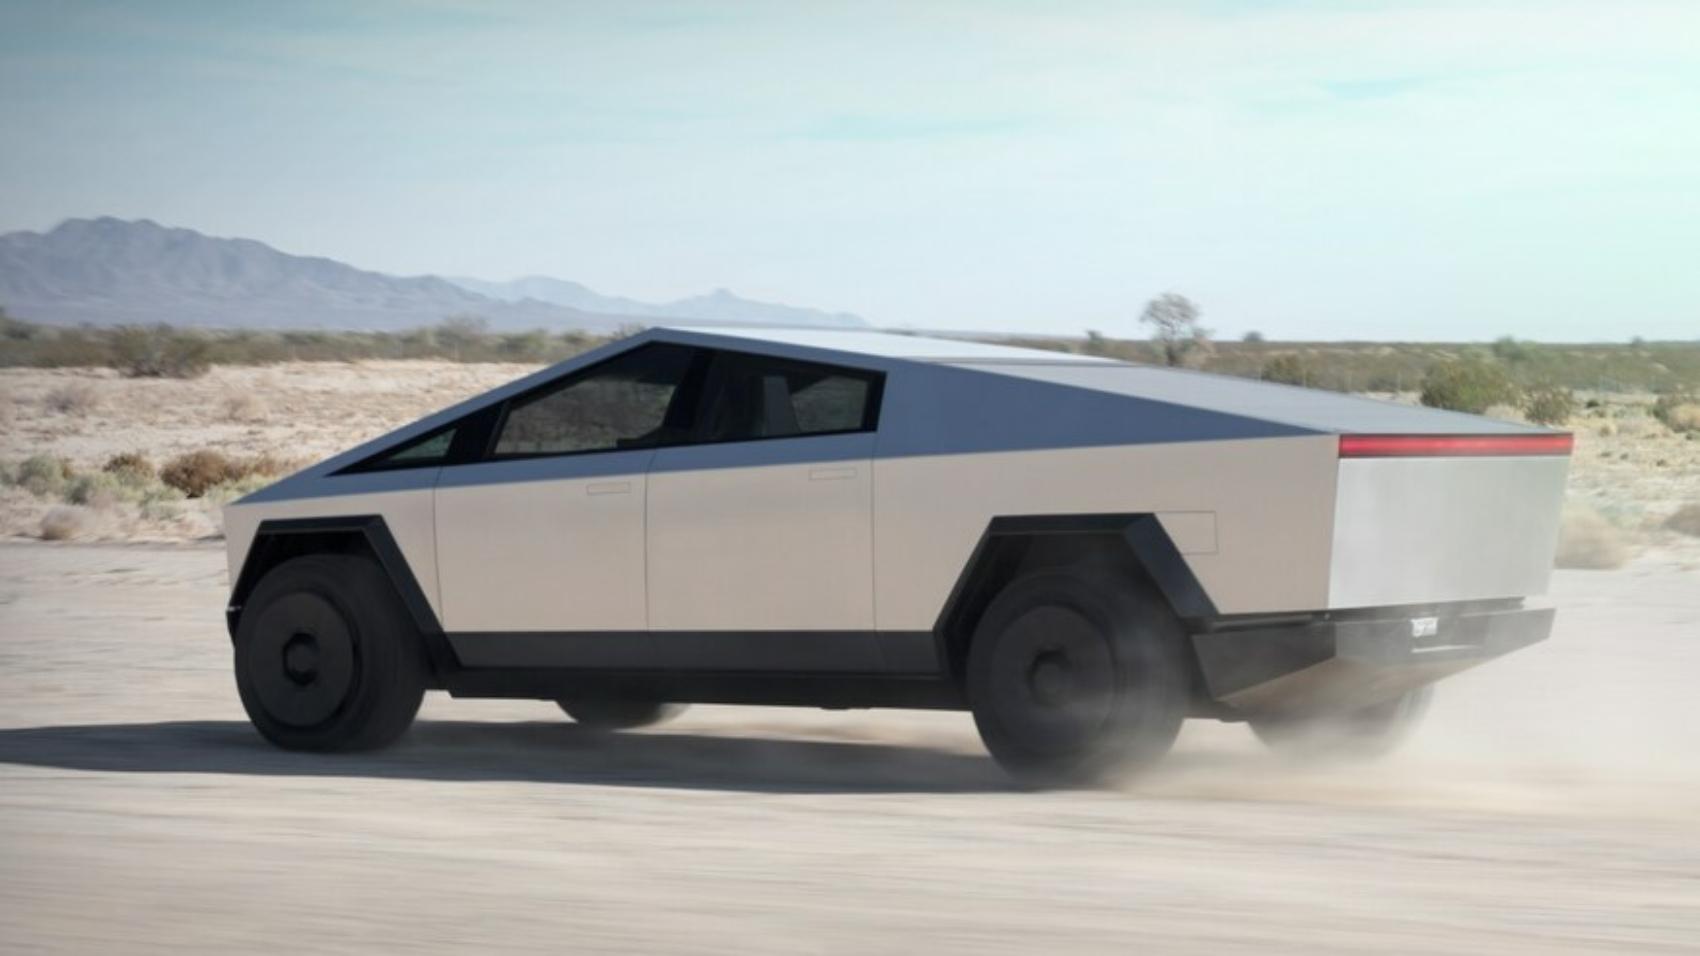 Tesla-Cybertruck-Electric-Pickup-Truck-Rear